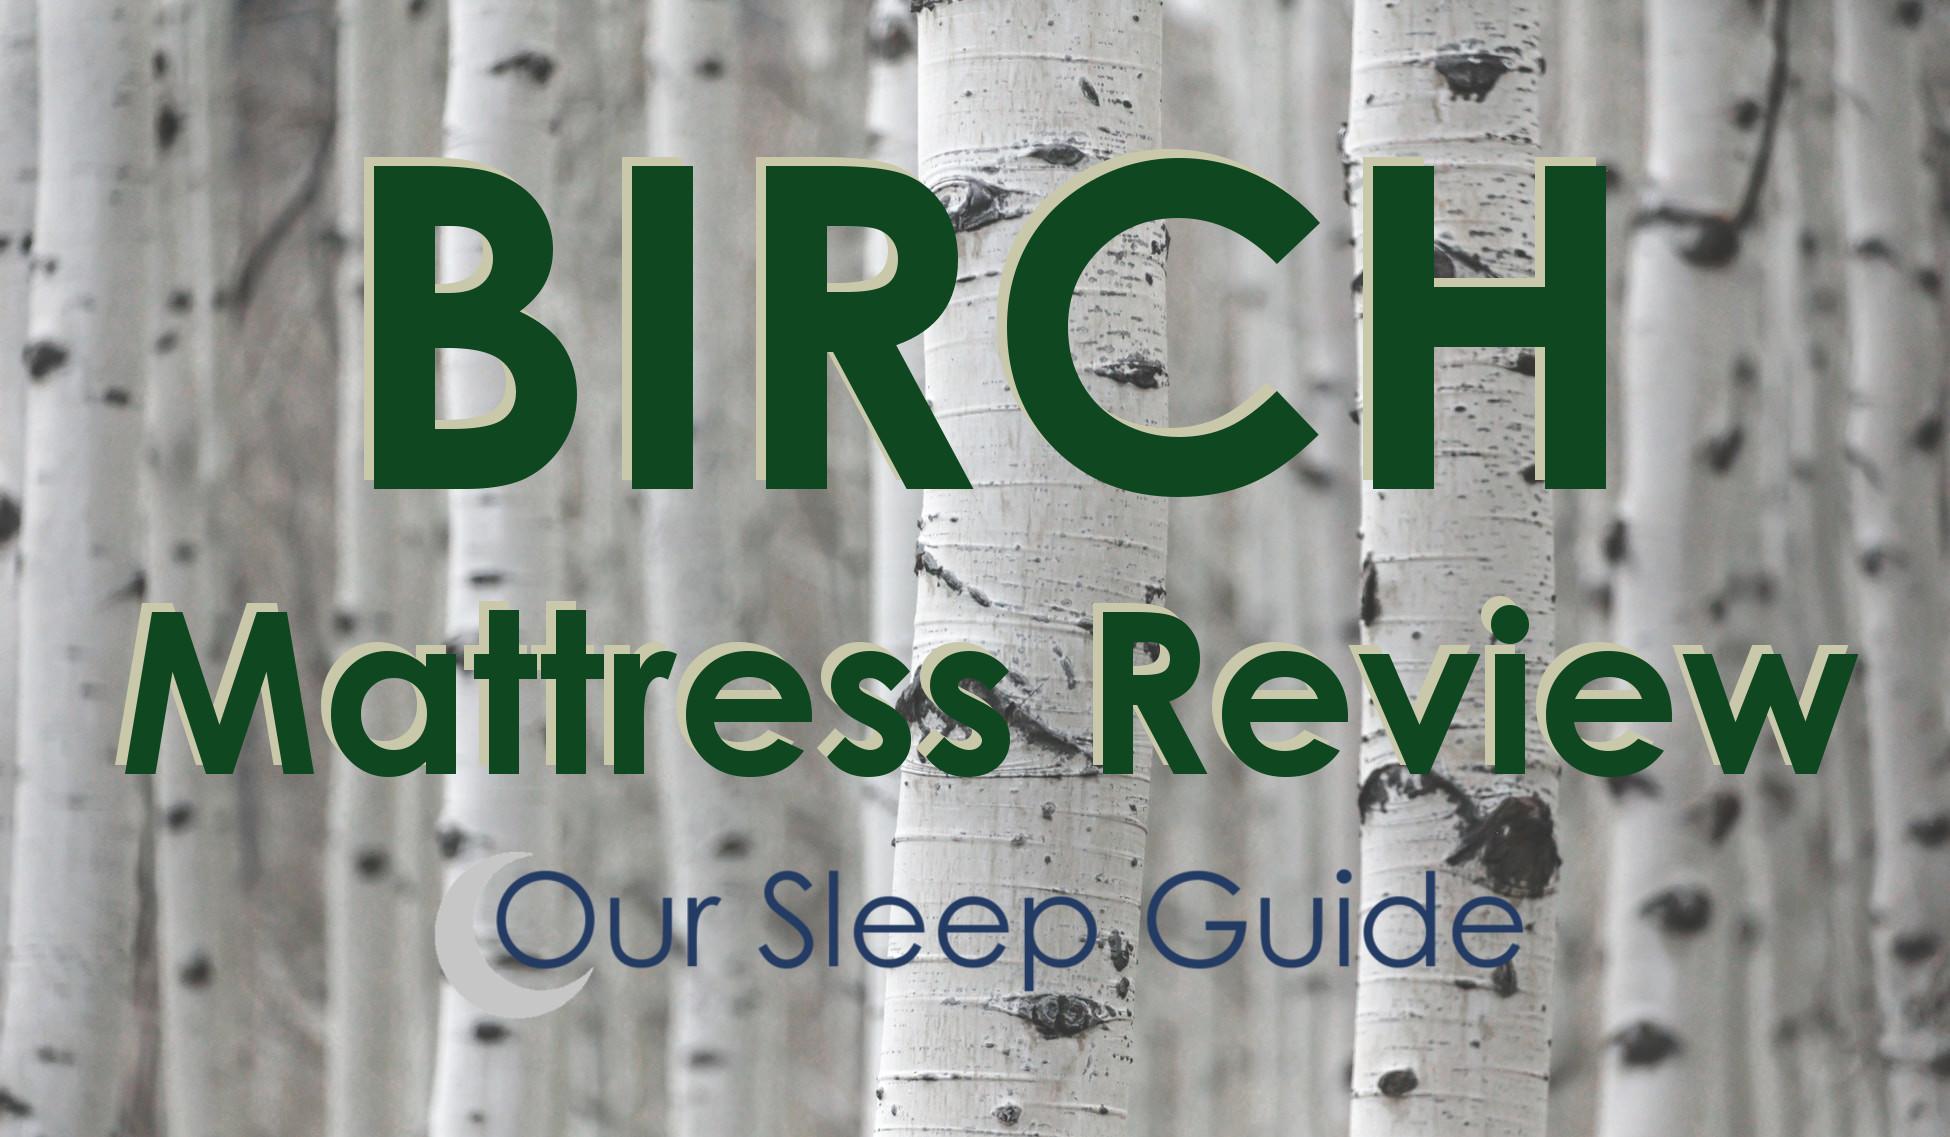 birch mattress review